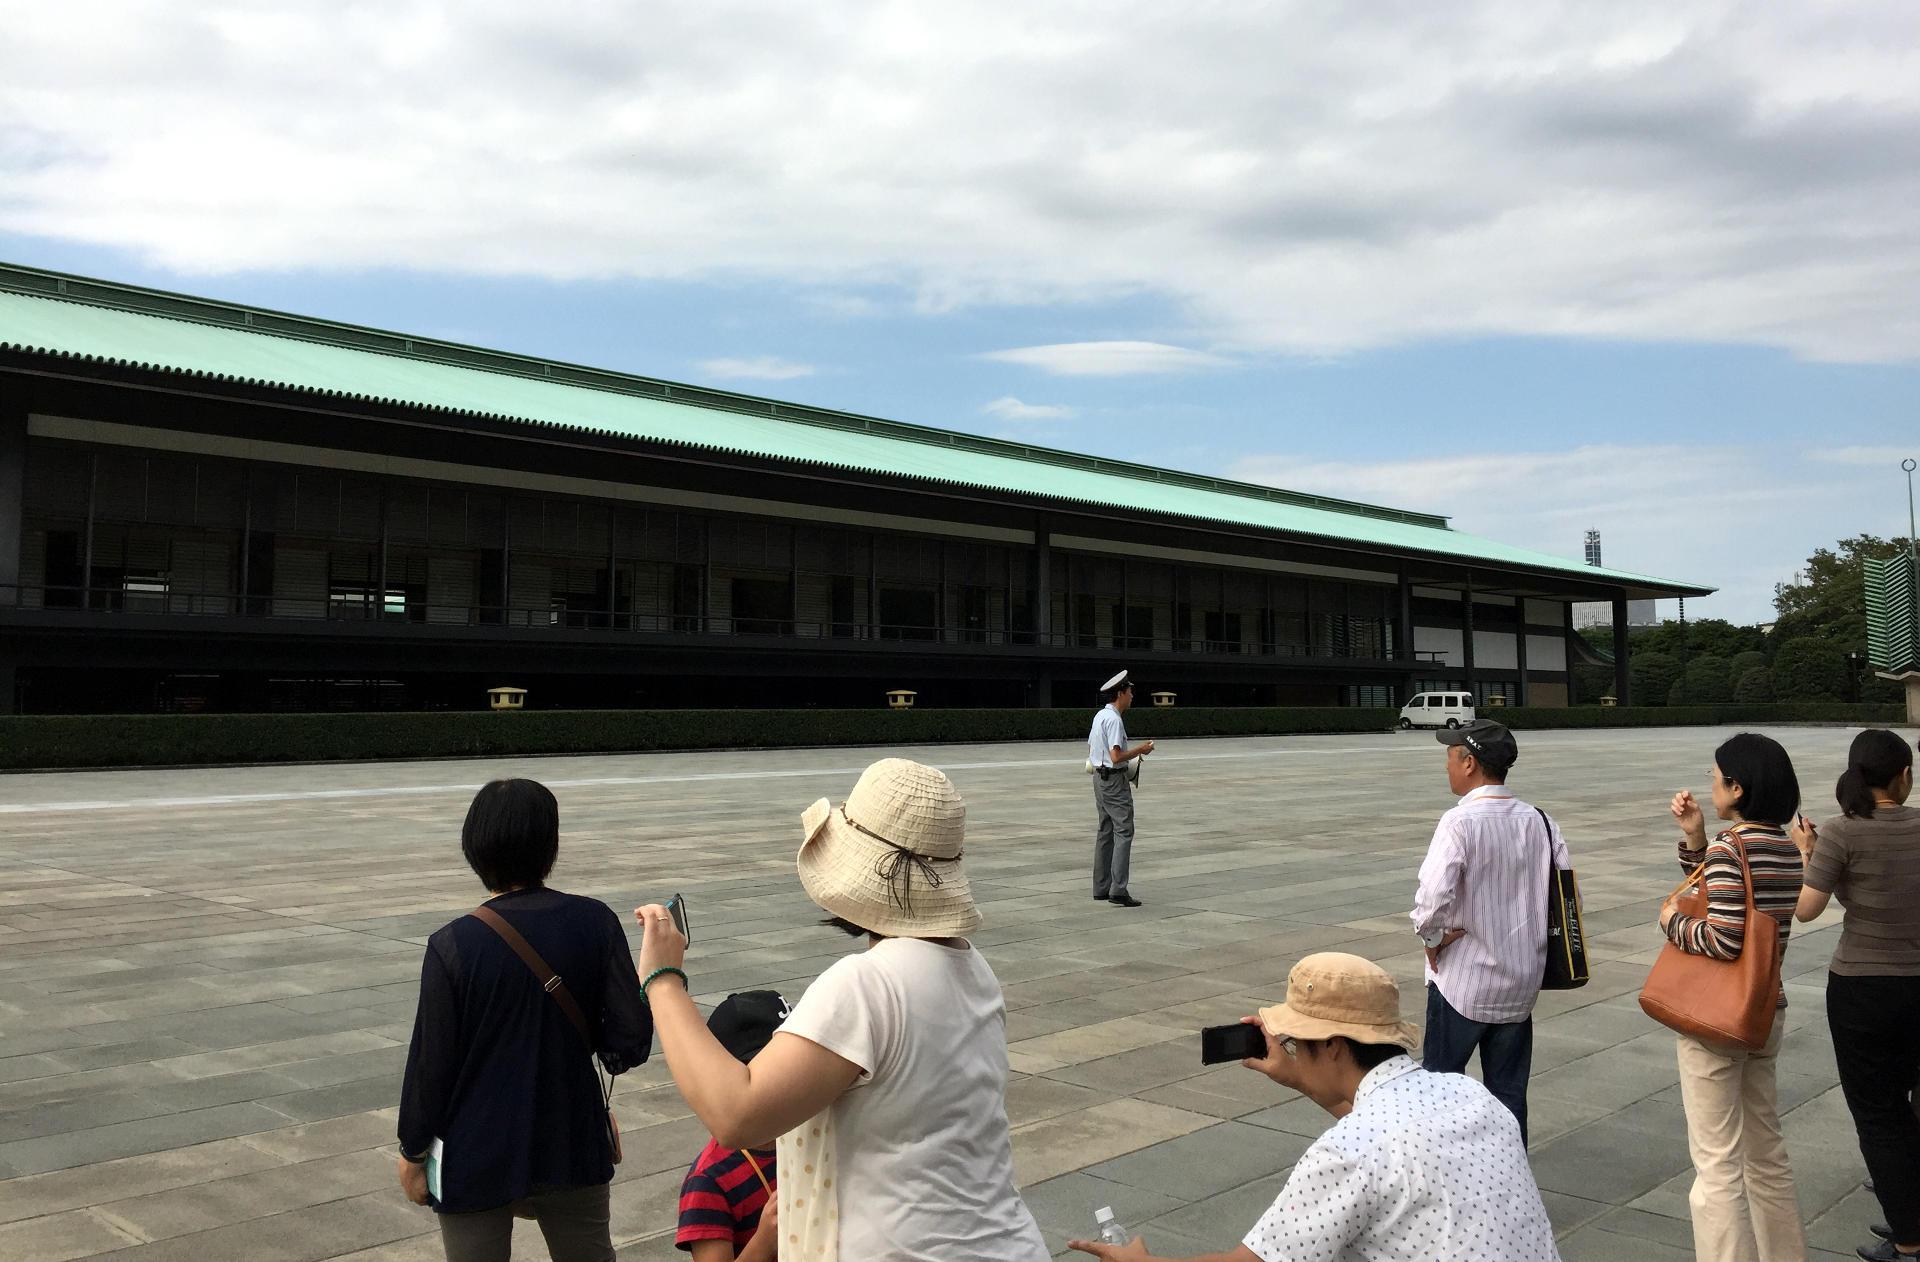 dzielnica Chiyoda Tokio wycieczka do Pałacu Cesarskiego iglawpodrozy